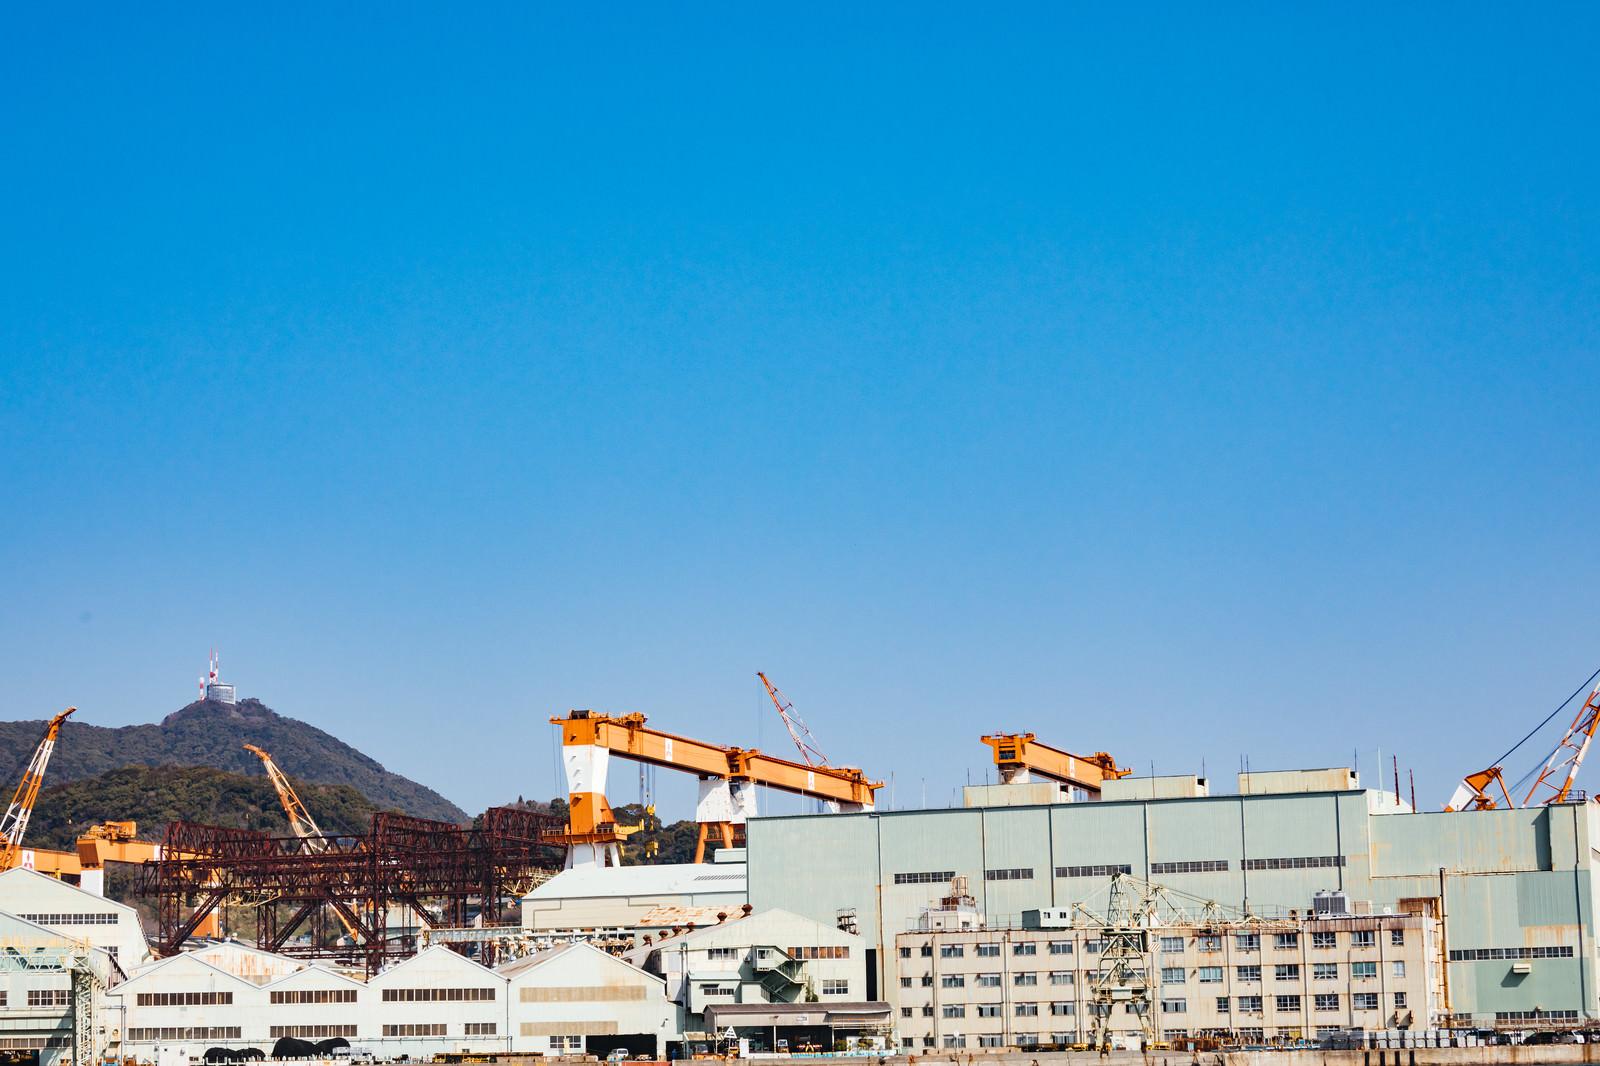 「戦艦武蔵を建造した三菱重工業造船所跡と稲佐山」の写真